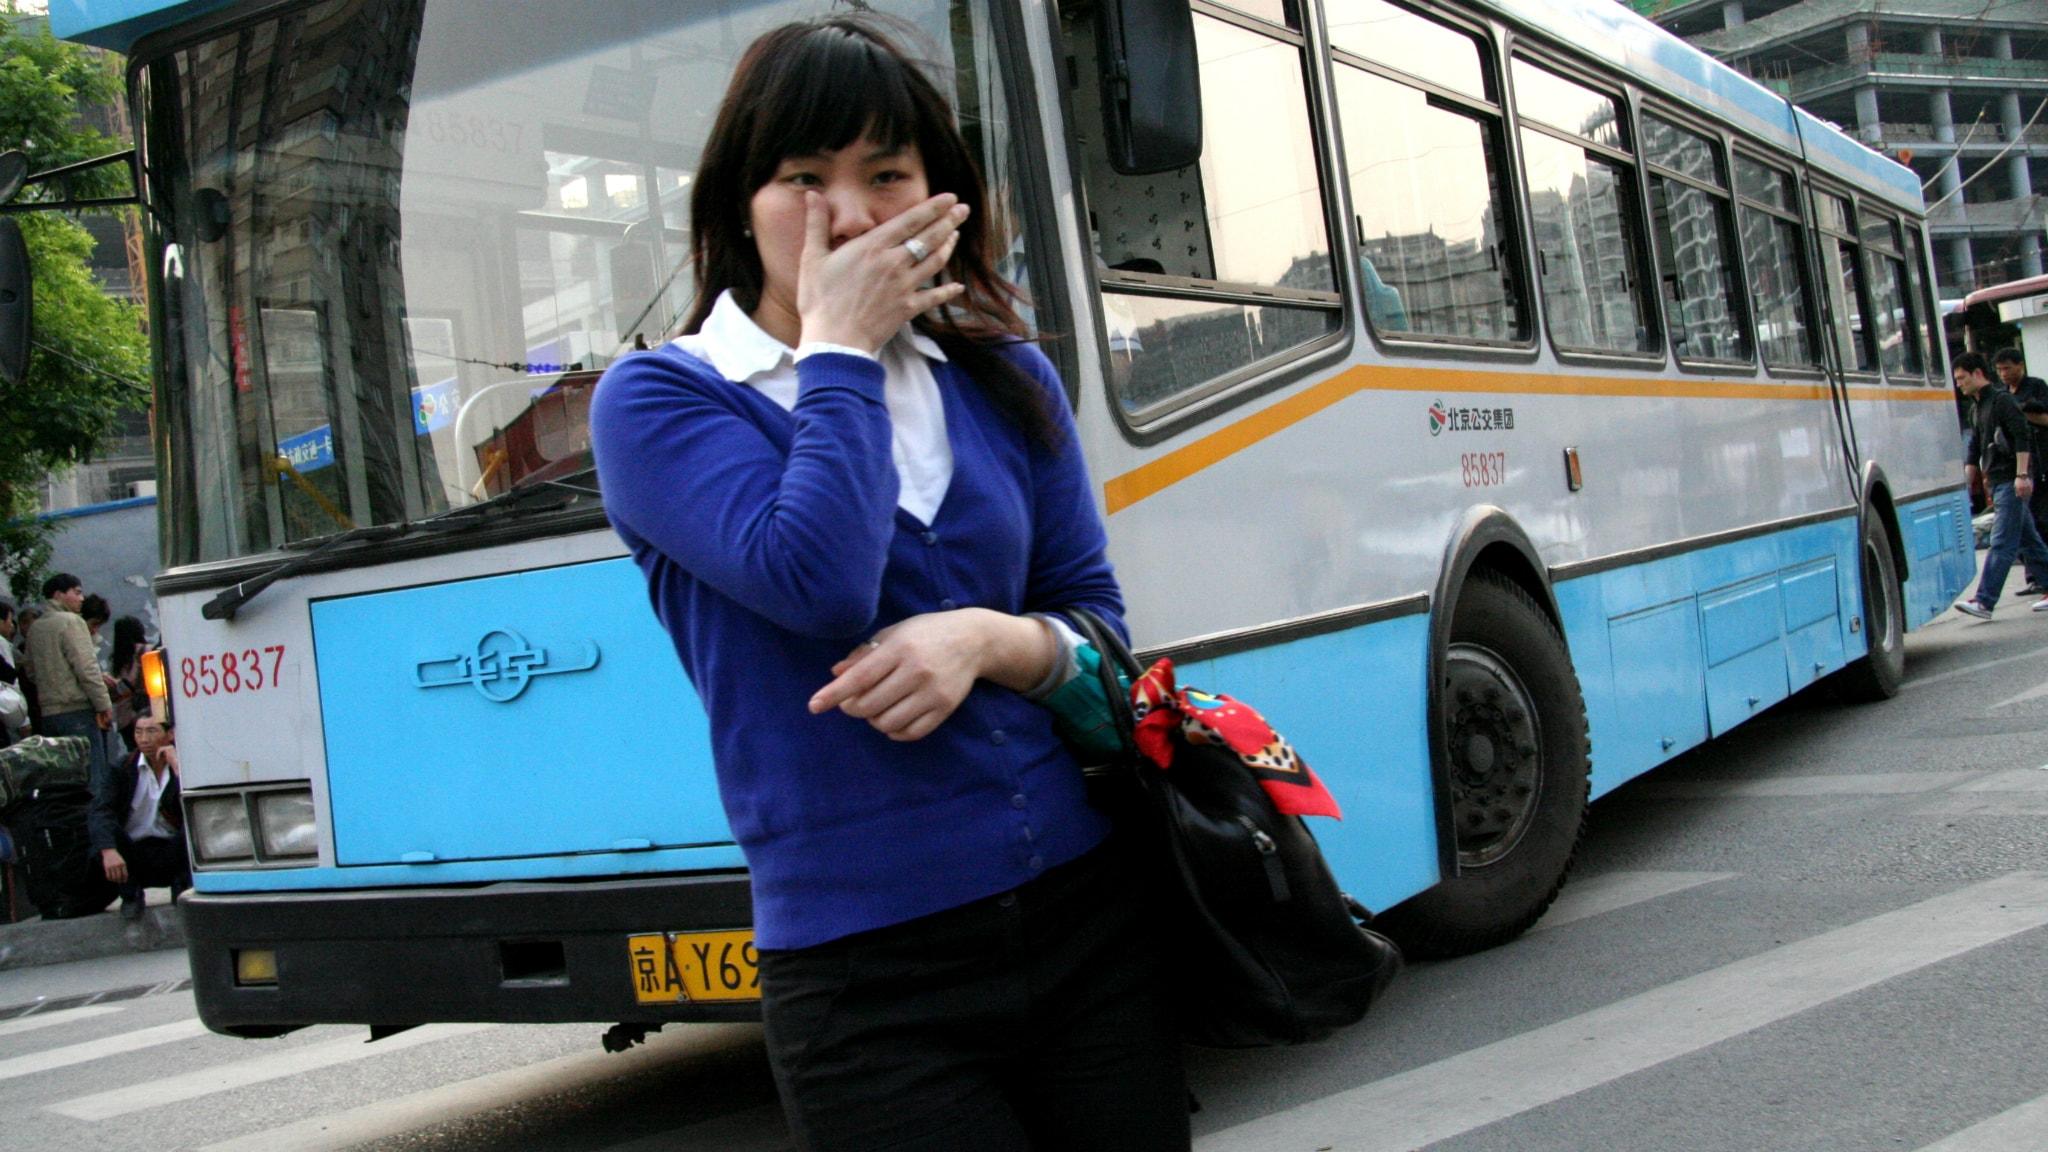 runka på bussen